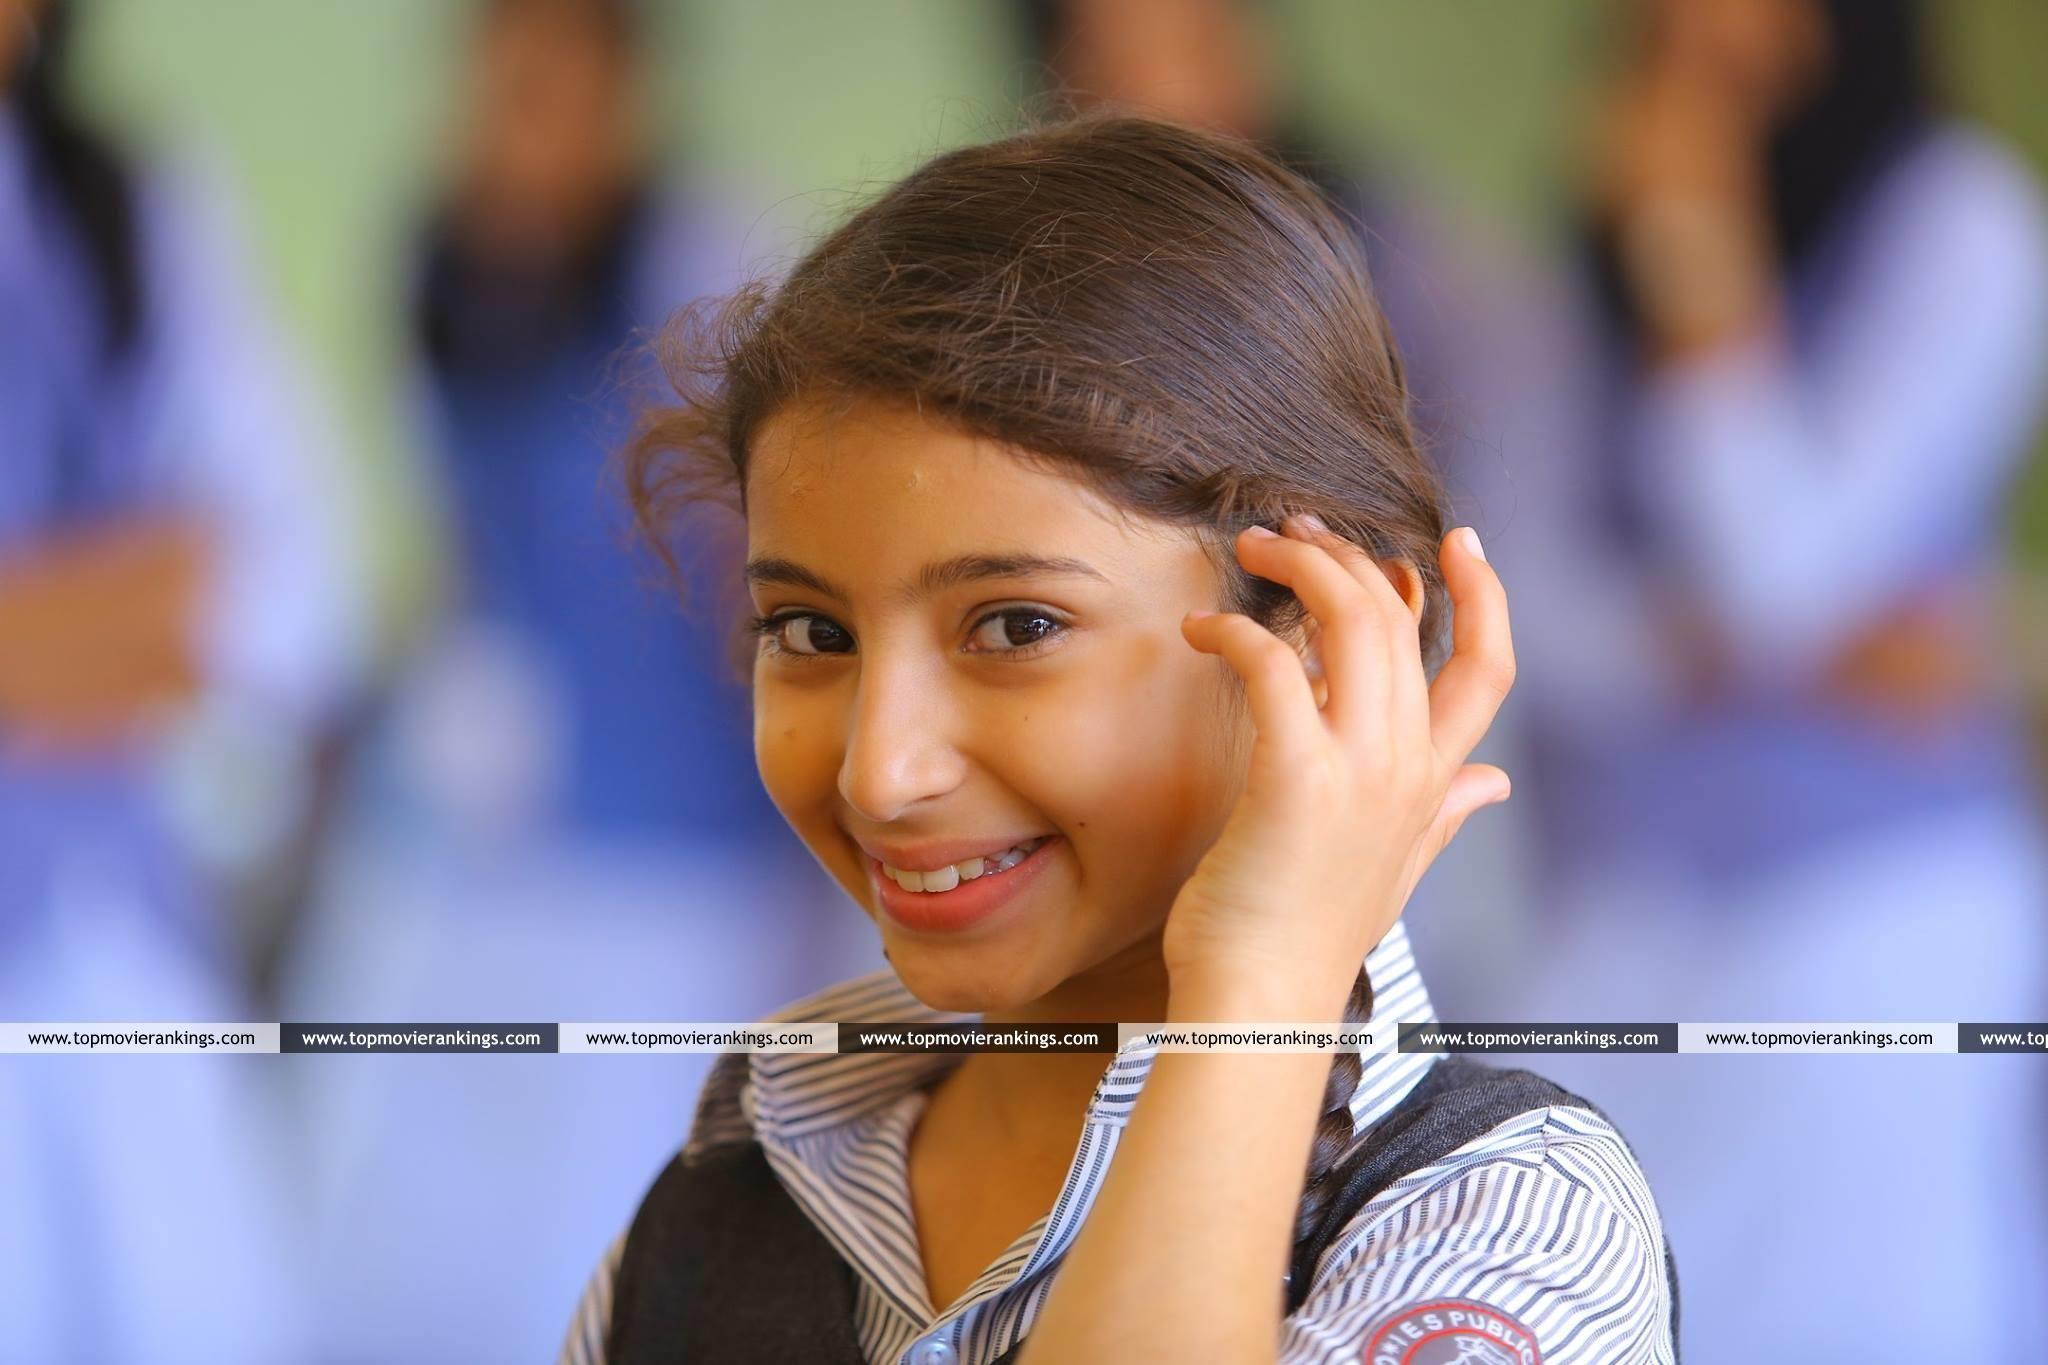 Sara Arjun 3313 Ann Maria Kalippilaanu Malayalam Movie Stills Sara Arjun Movies Child Actresses Still Picture